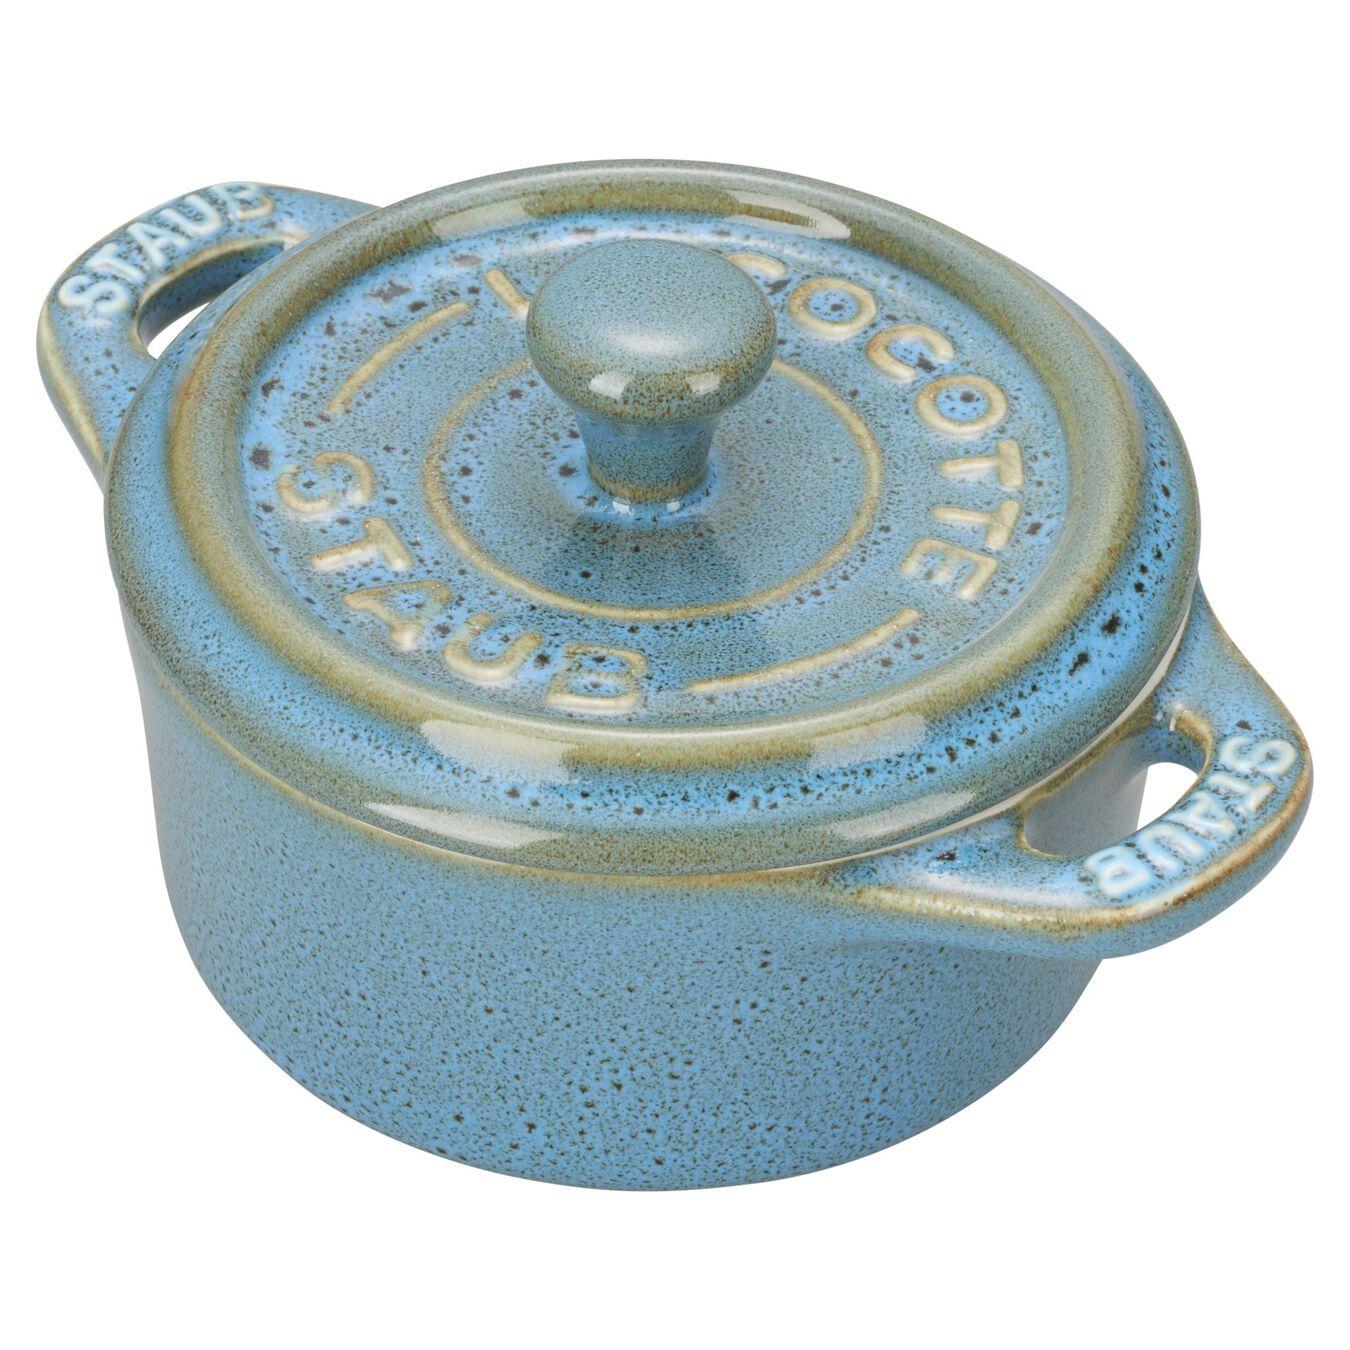 3 Piece Ceramic Cocotte set, ancient-turquoise,,large 2